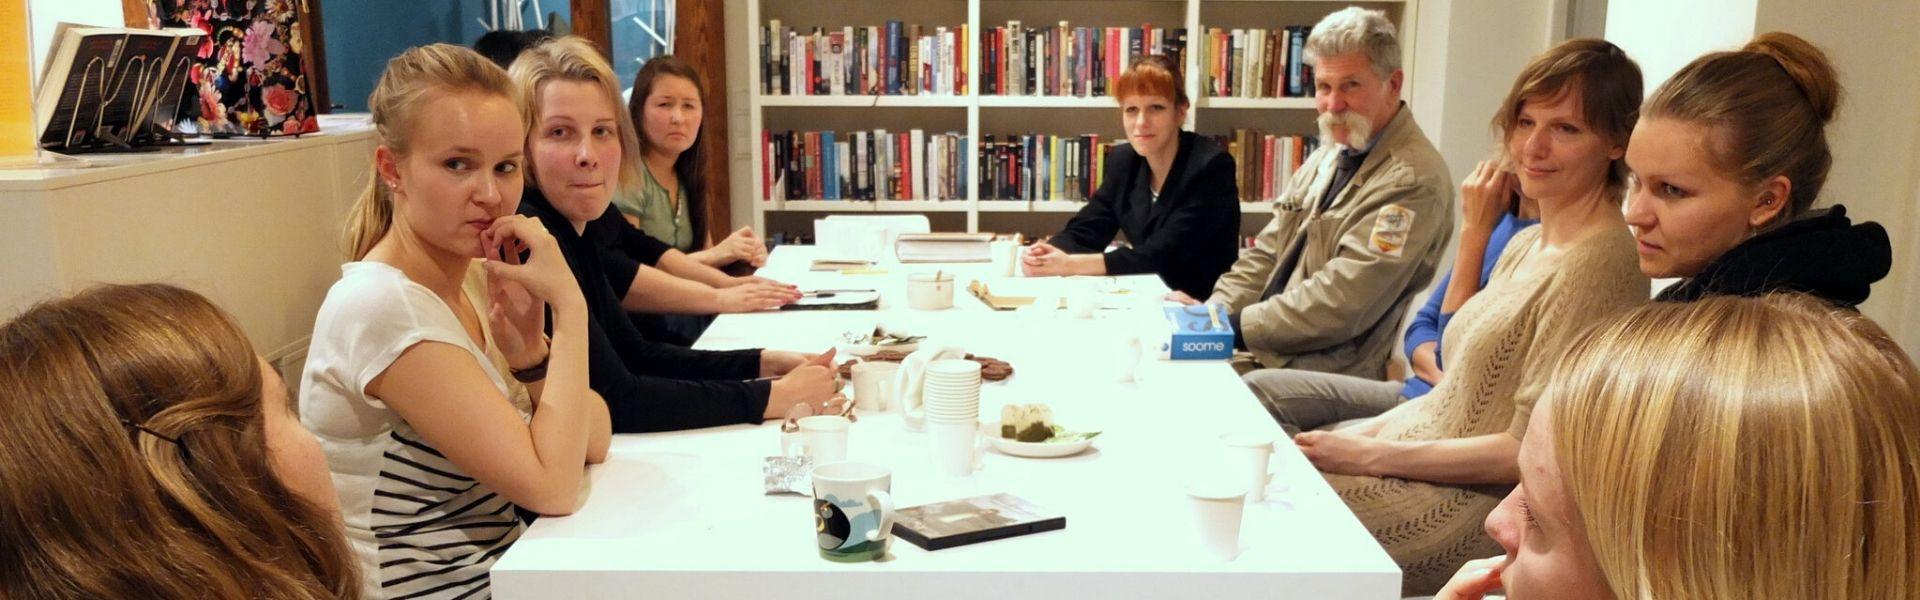 Vestlusring raamatukogus. Foto: Soome Instituut